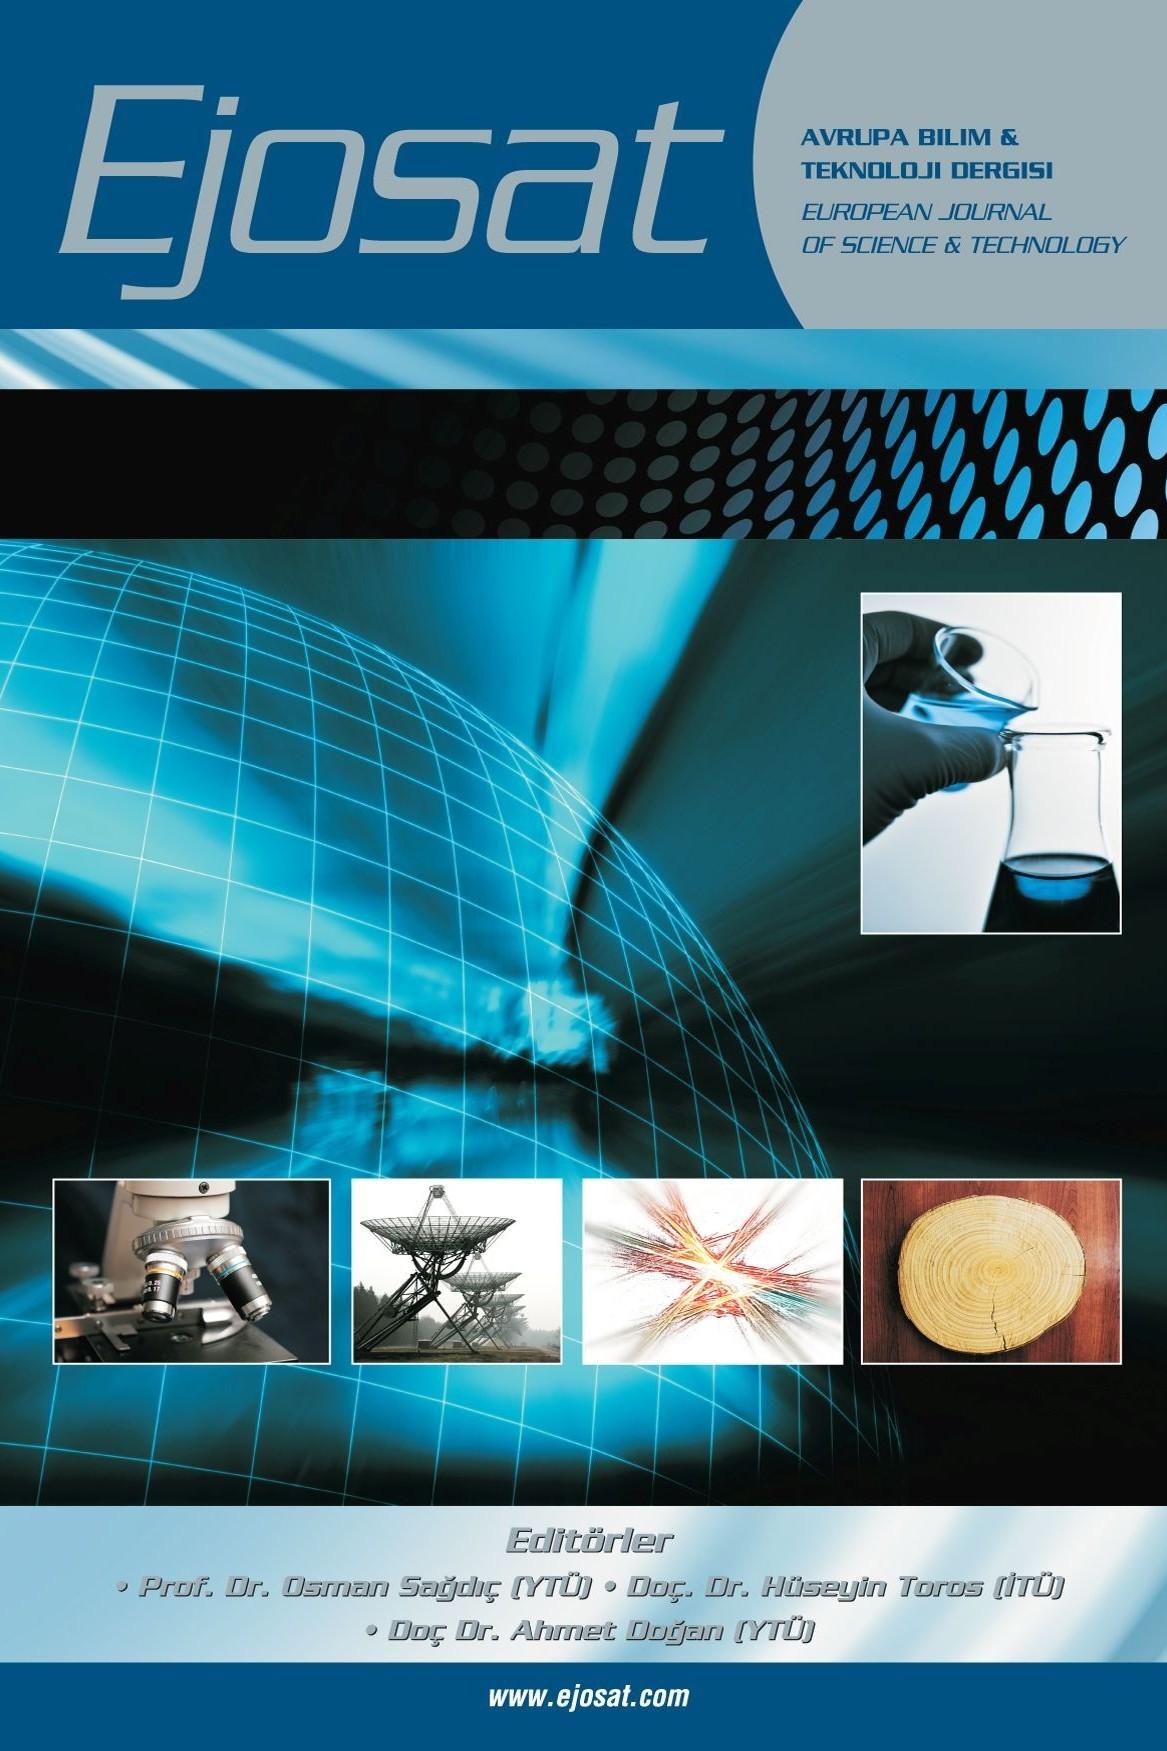 Avrupa Bilim ve Teknoloji Dergisi